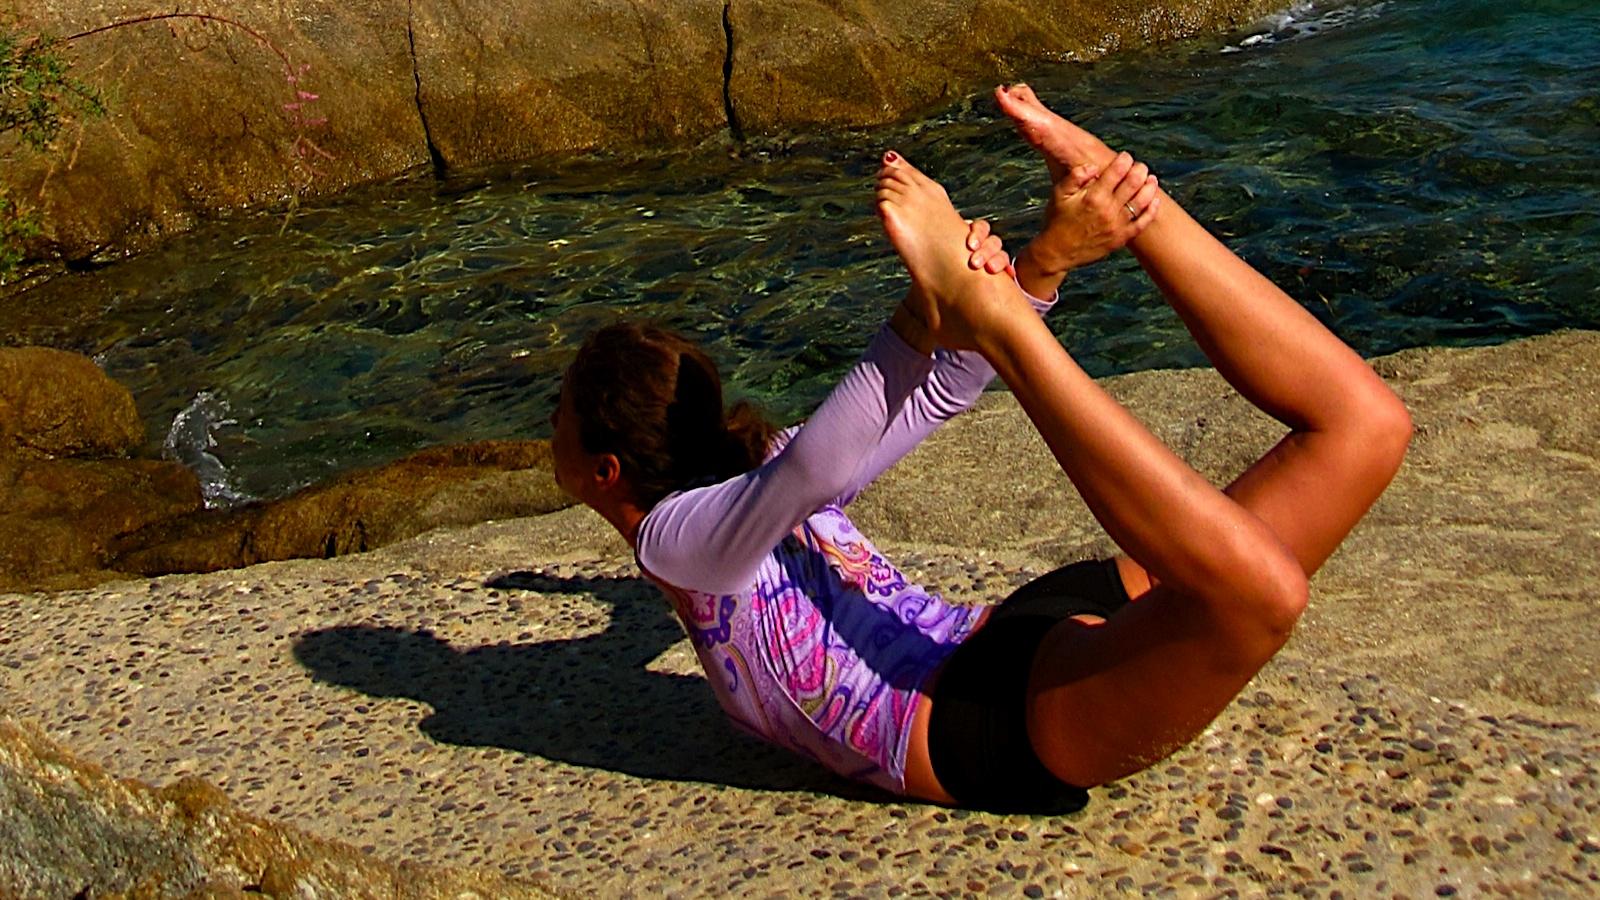 posture-yoga-arc-dhanurasana